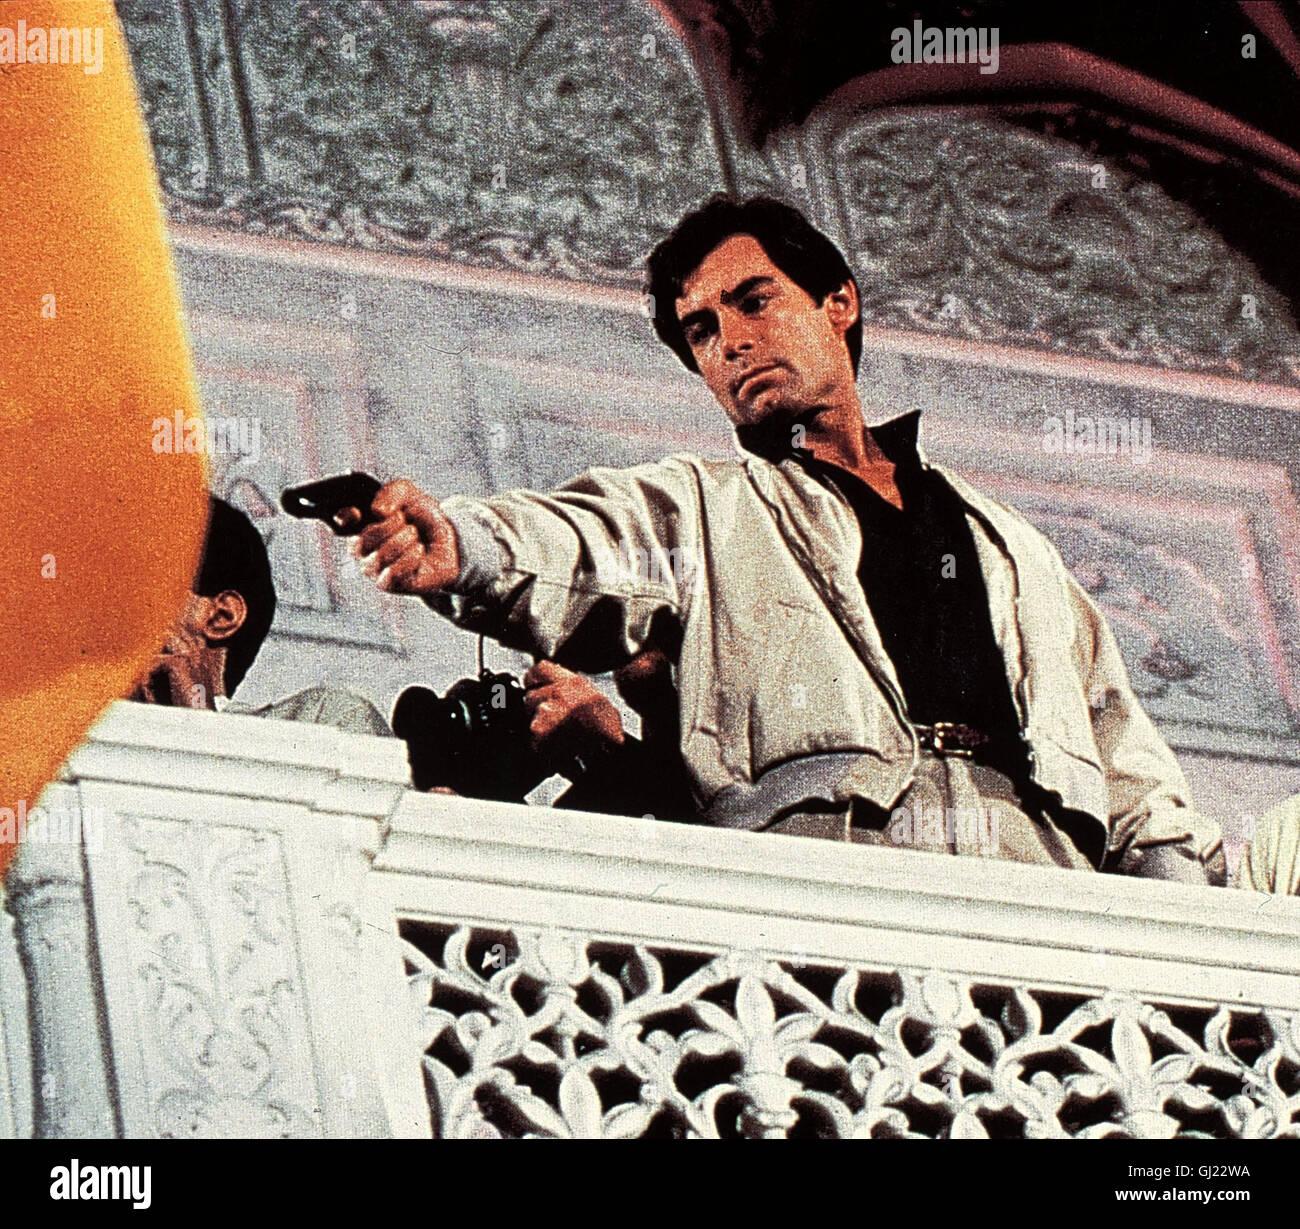 JAMES BOND - DER HAUCH DES TODES- KGB-General Koskov will in den Westen überlaufen. James Bond (TIMOTHY DALTON) - Stock Image